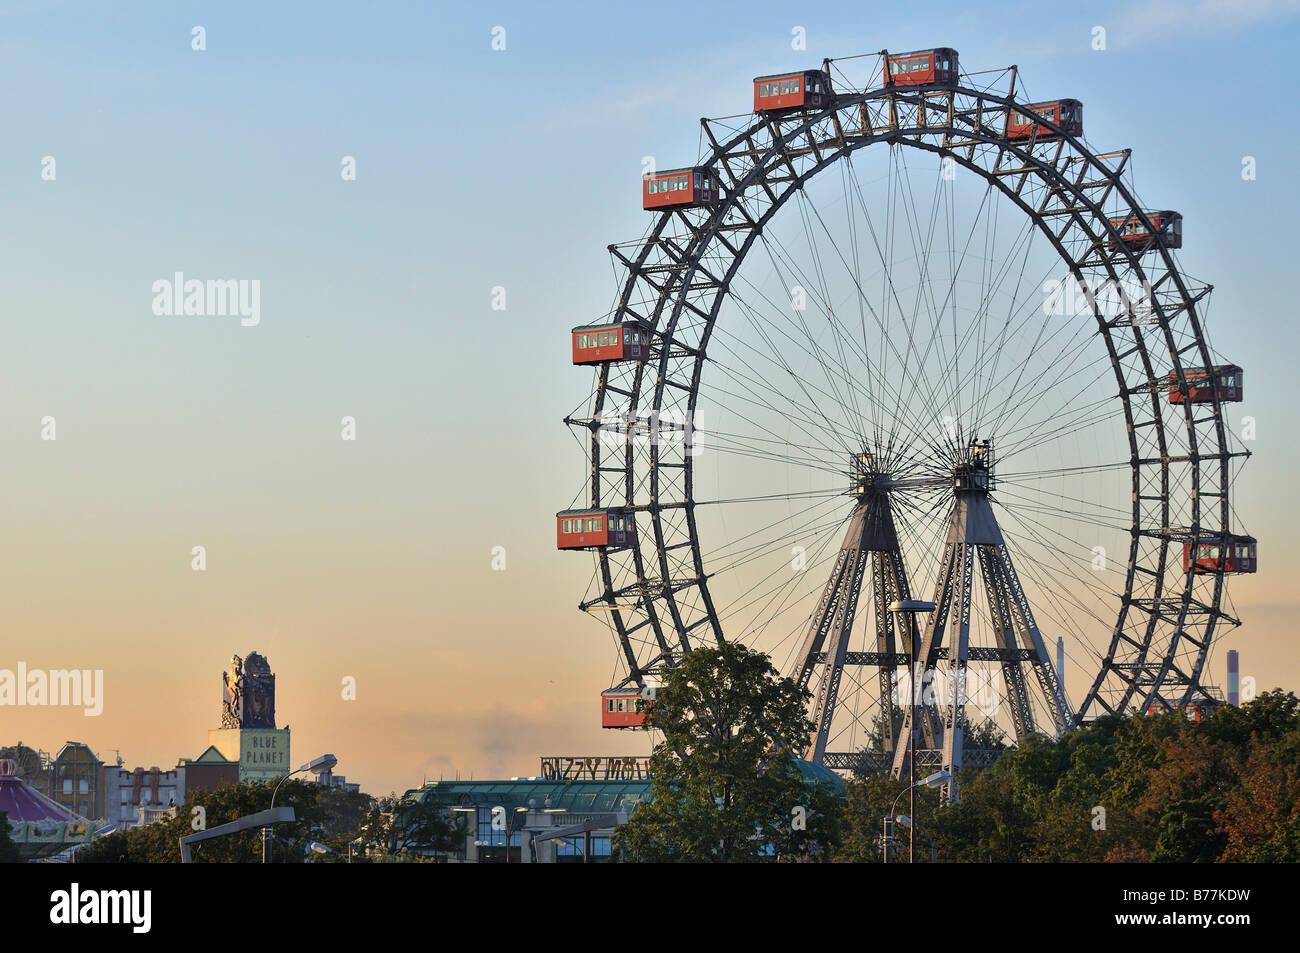 Vienna giant wheel, Riesenrad, in Prater public park, Vienna, Austria, Europe - Stock Image